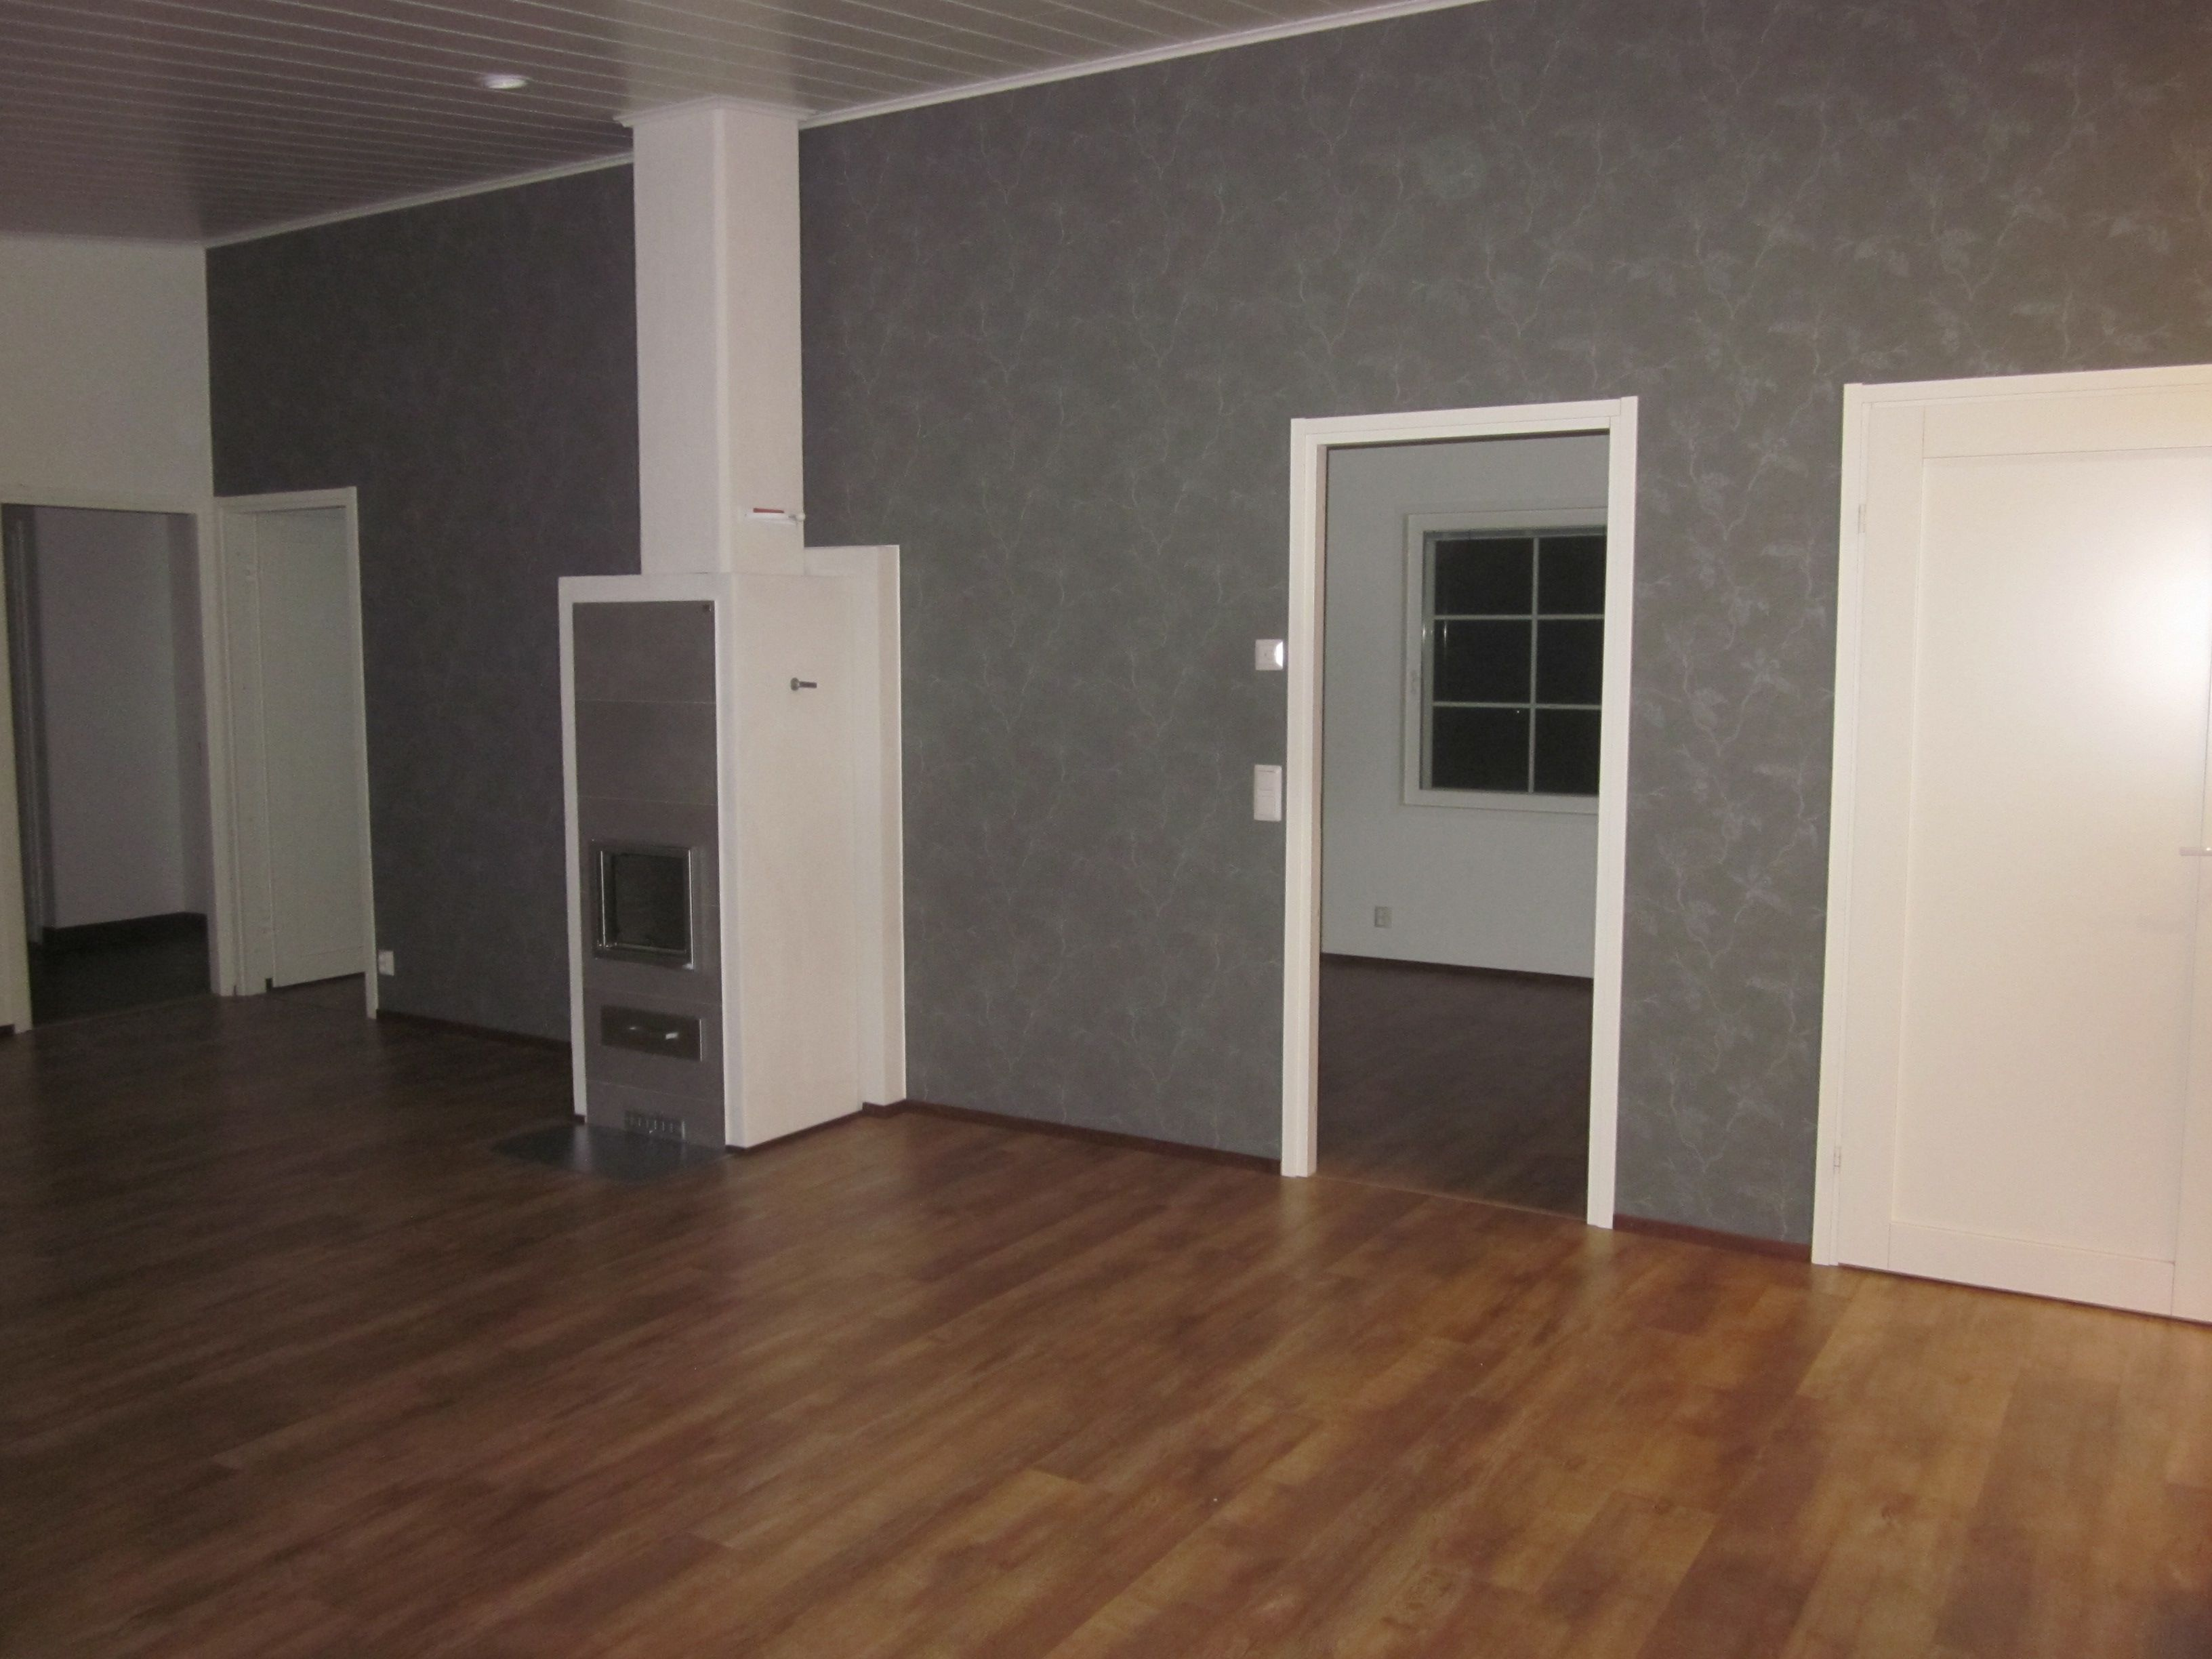 Seinän harmaa komppaa kivasti takan laatoitusta, Piippola 136, Lappeenranta